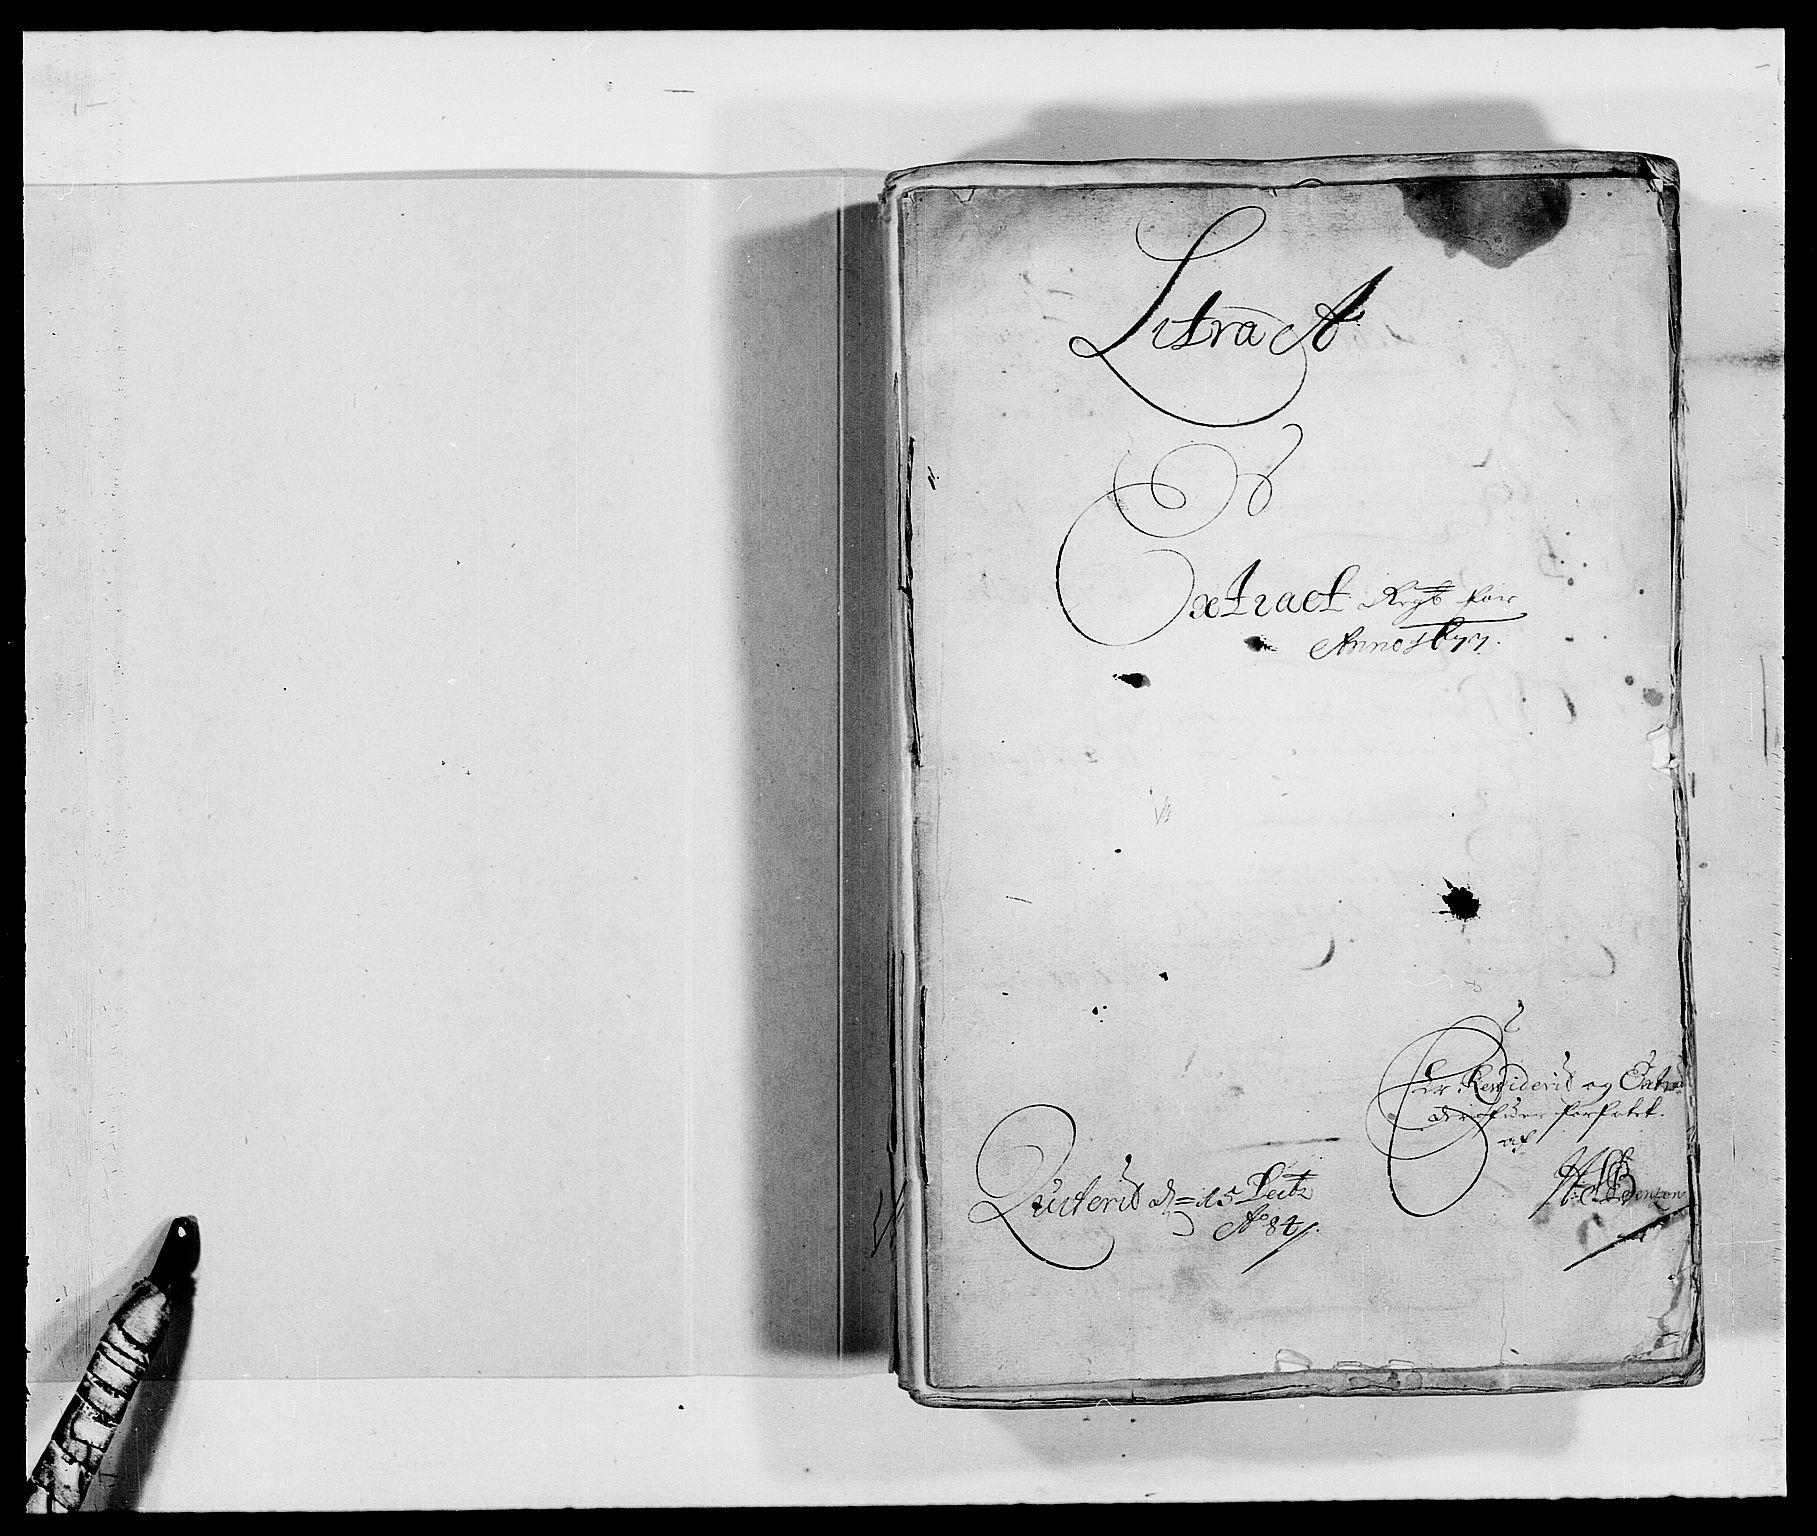 RA, Rentekammeret inntil 1814, Reviderte regnskaper, Fogderegnskap, R47/L2847: Fogderegnskap Ryfylke, 1677, s. 2